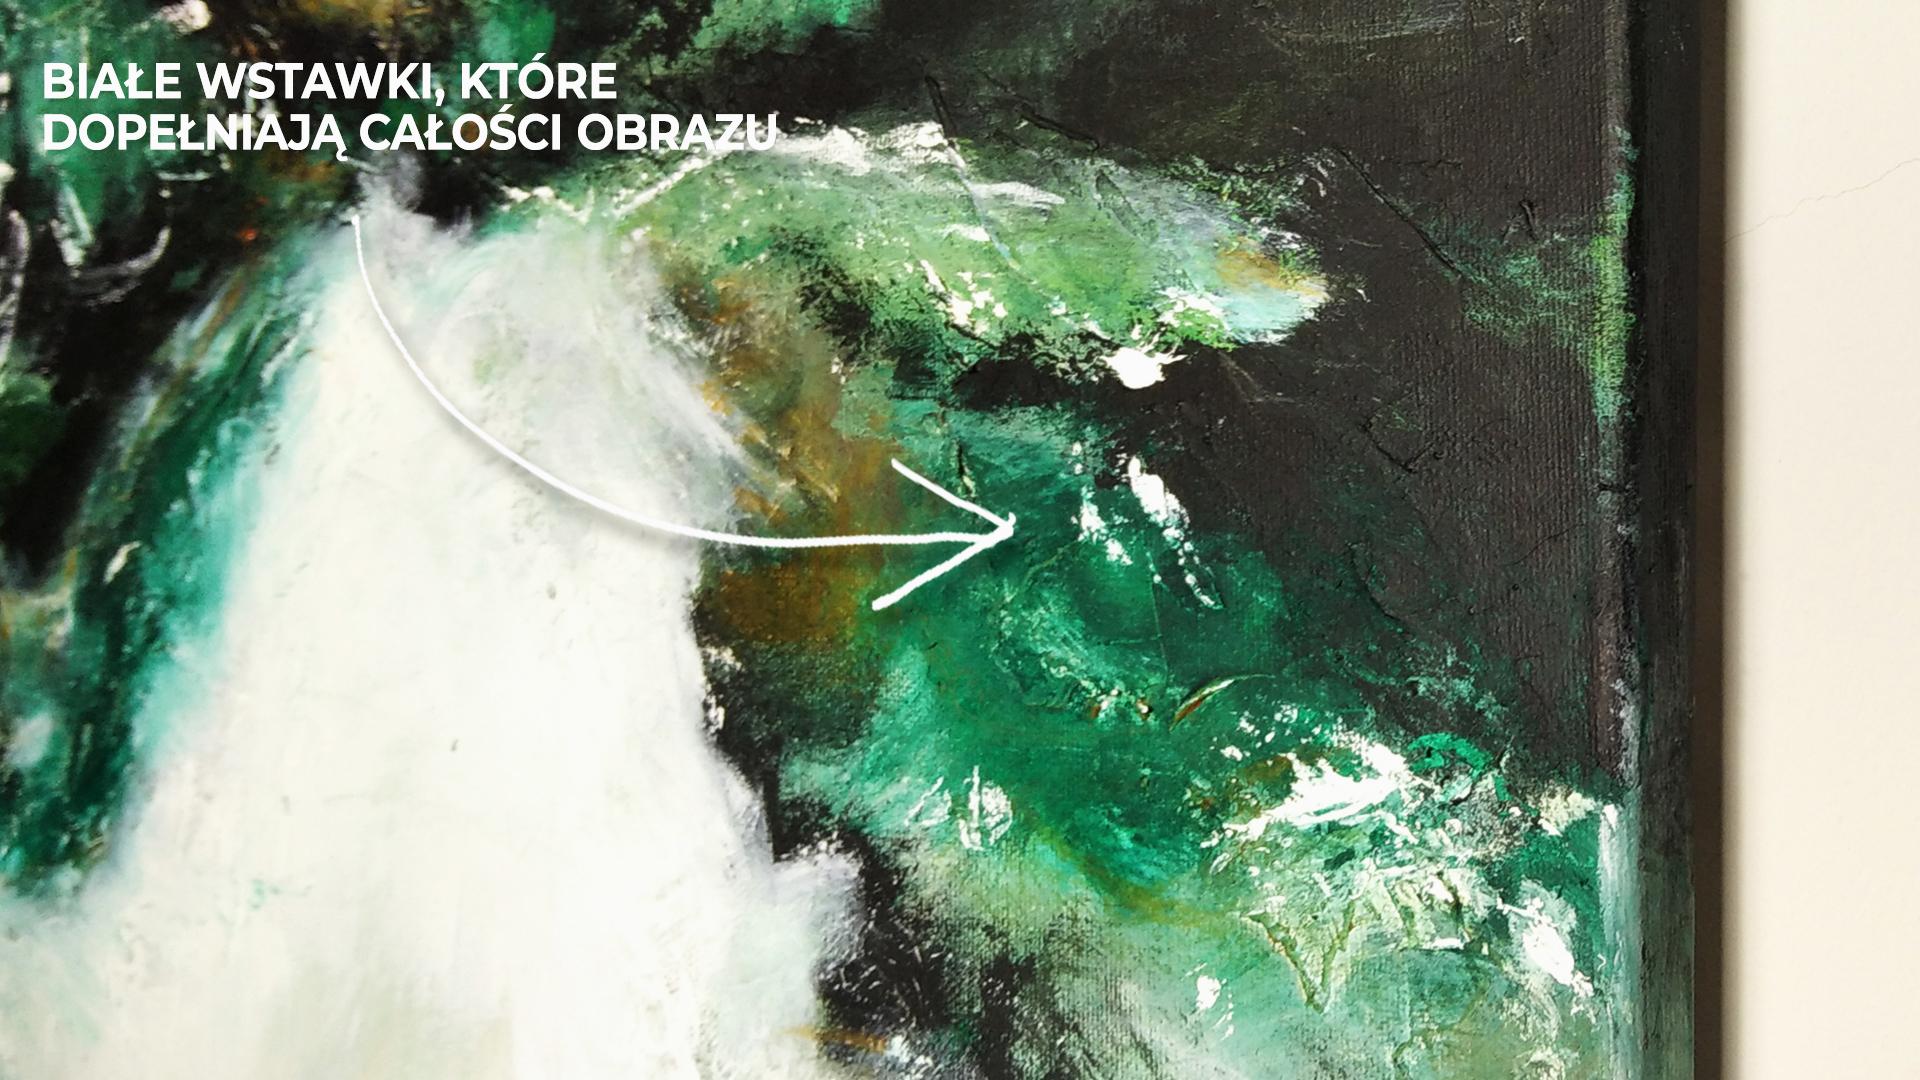 Białe wstawki kolorystyczne, które ukazują, że obraz może świetnie pasować zarówno w jasnym jak i ciemnym wnętrzu. Zbliżenie na ręcznie malowany obraz akrylowy